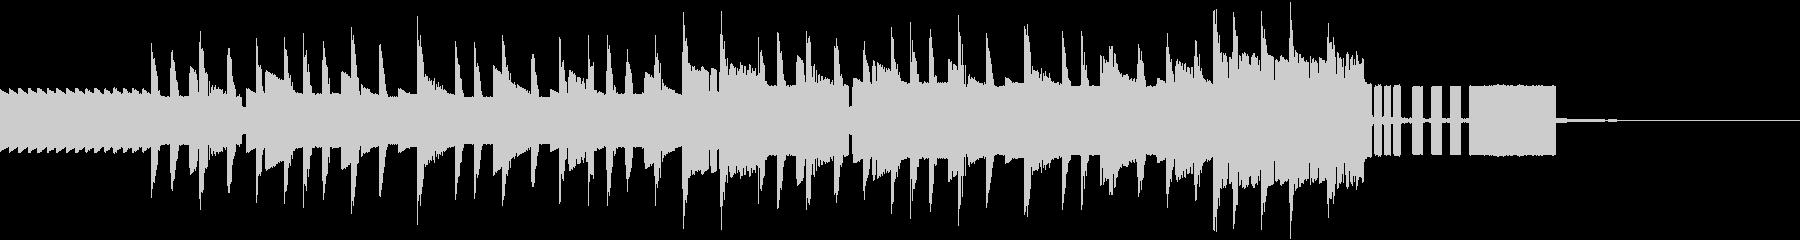 レトロゲー風ジングル/終了画面用の未再生の波形